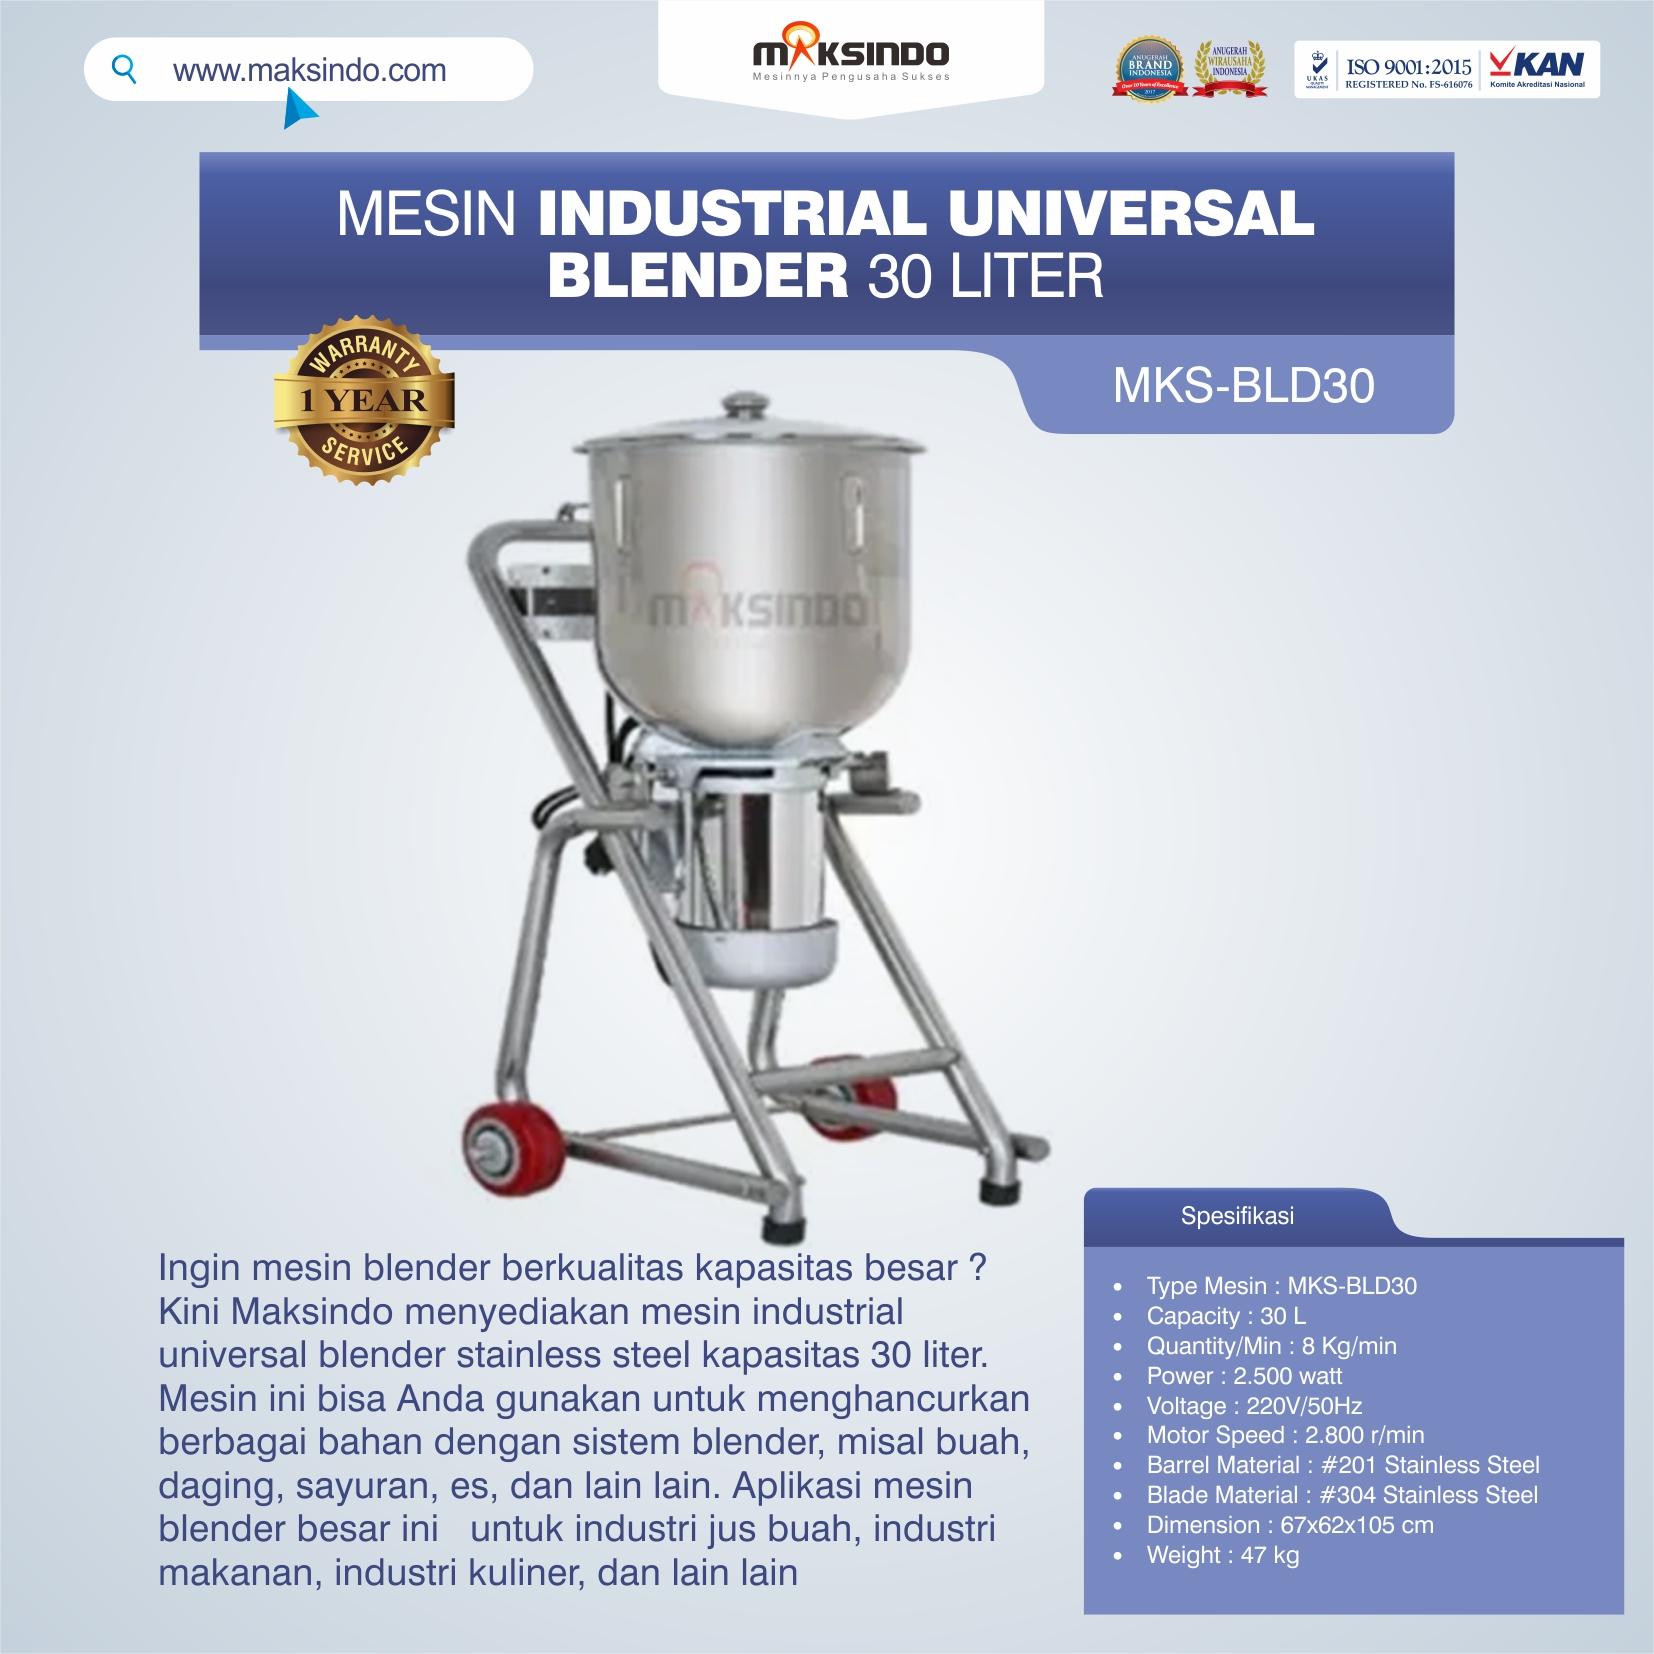 Jual Industrial Universal Blender 30 Liter MKS-BLD30 di Bogor